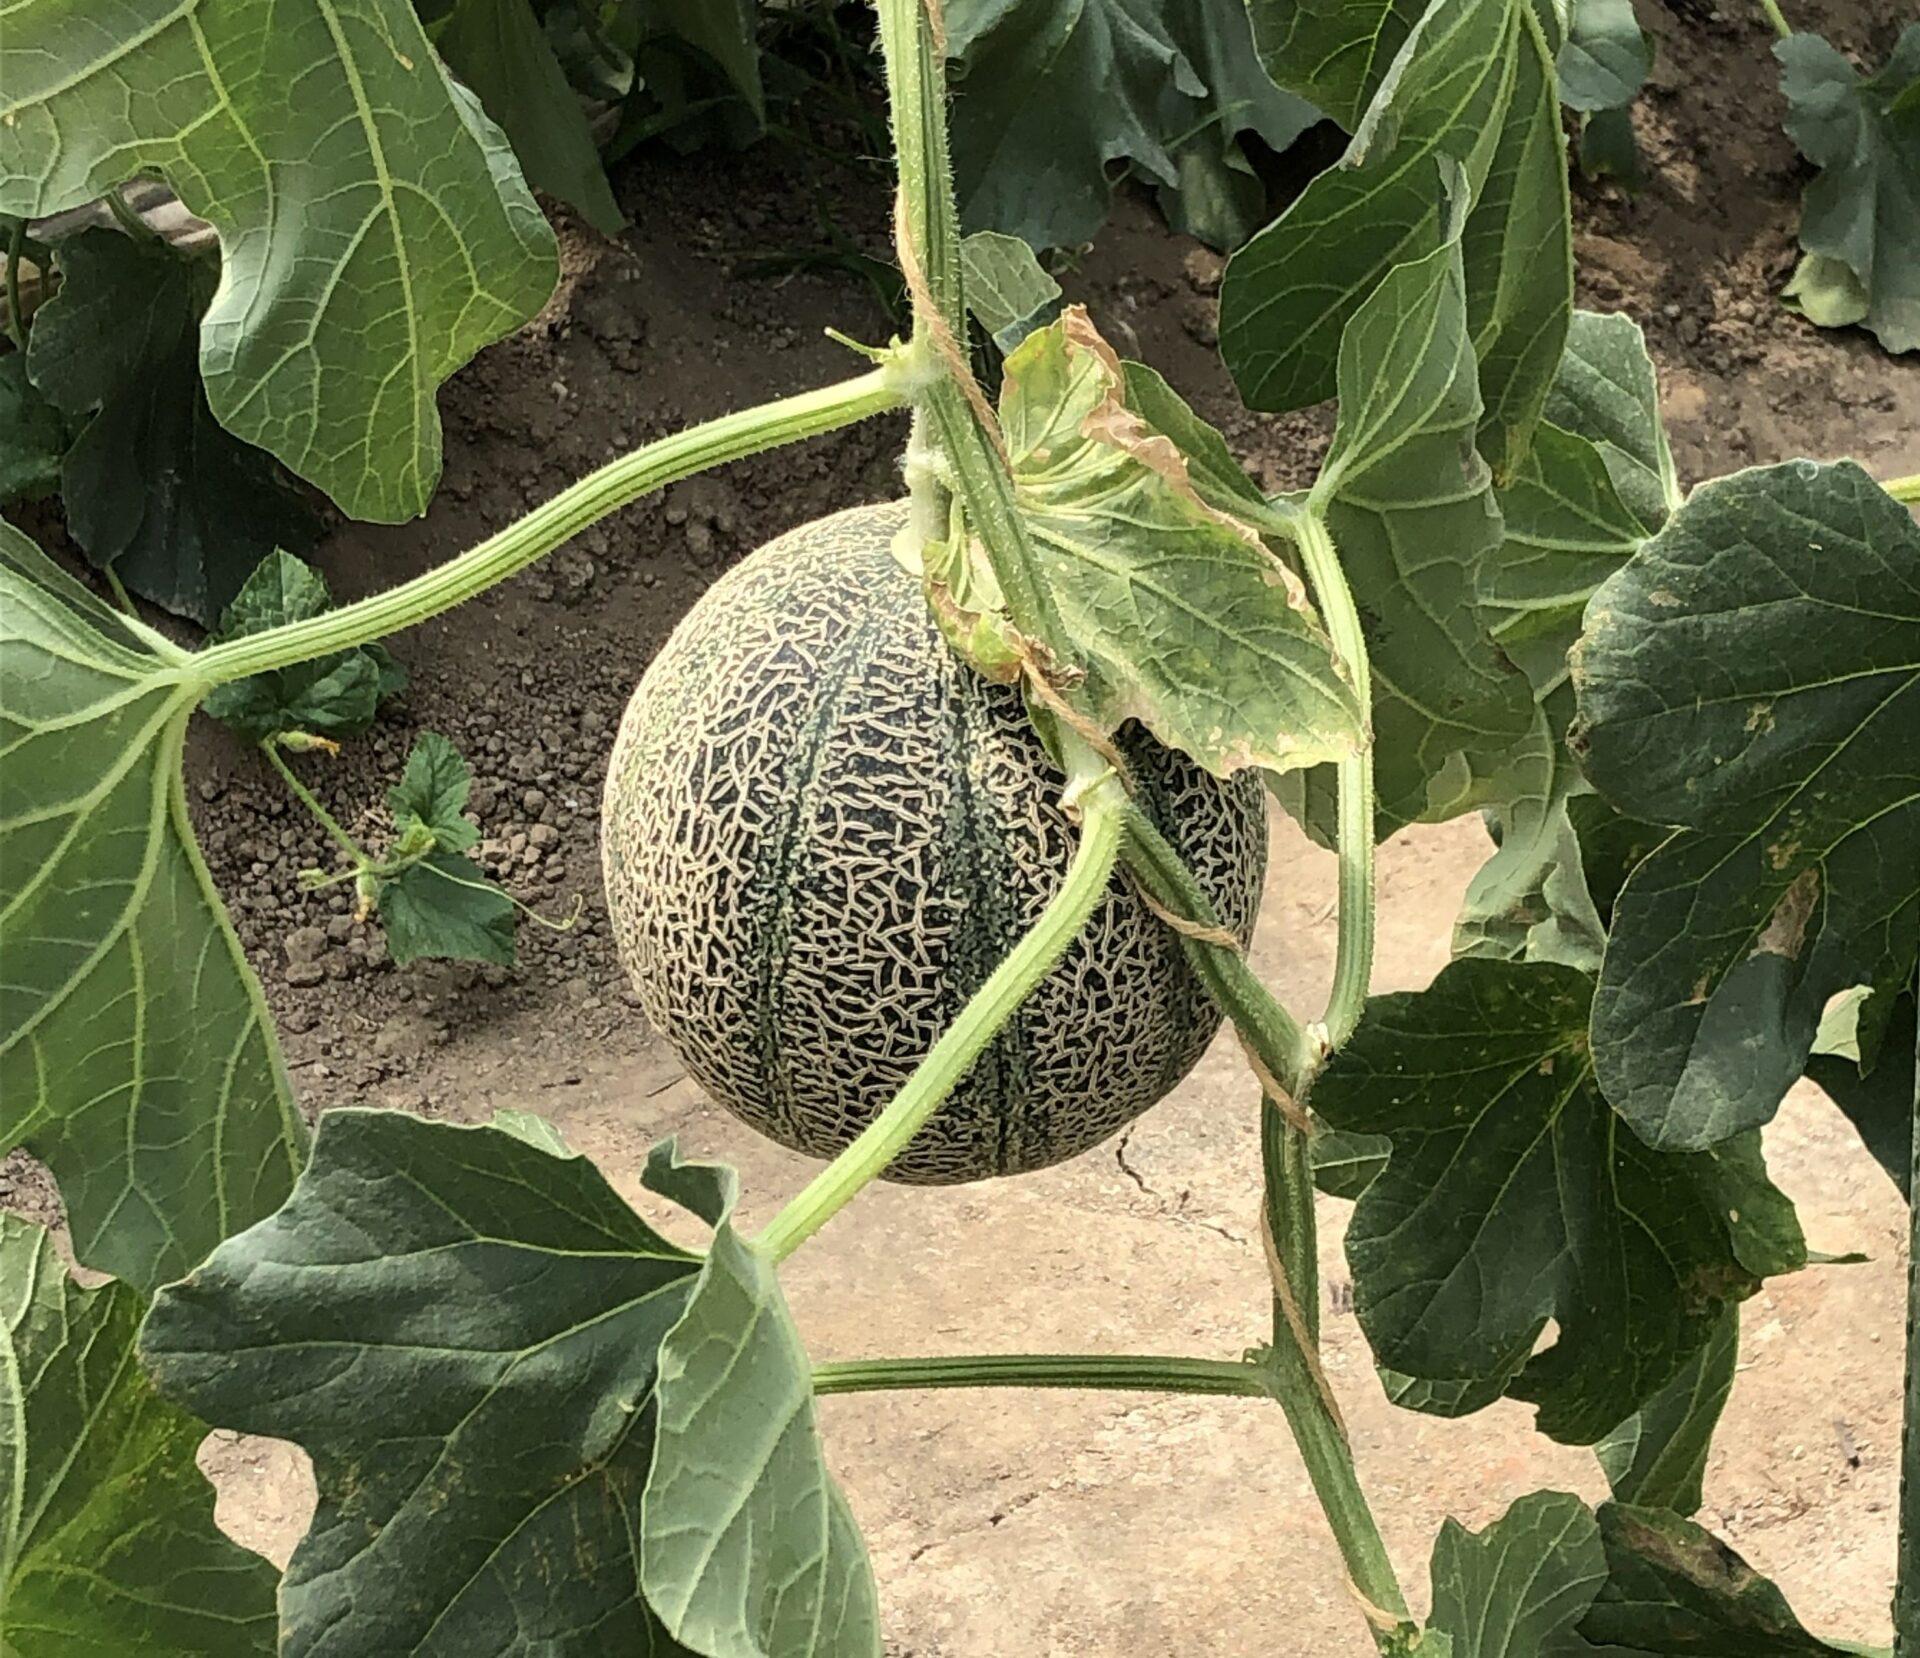 アムスメロン 〜真庭農園さん〜 アムスメロンの収穫は6月いっぱいで終了しましたの写真